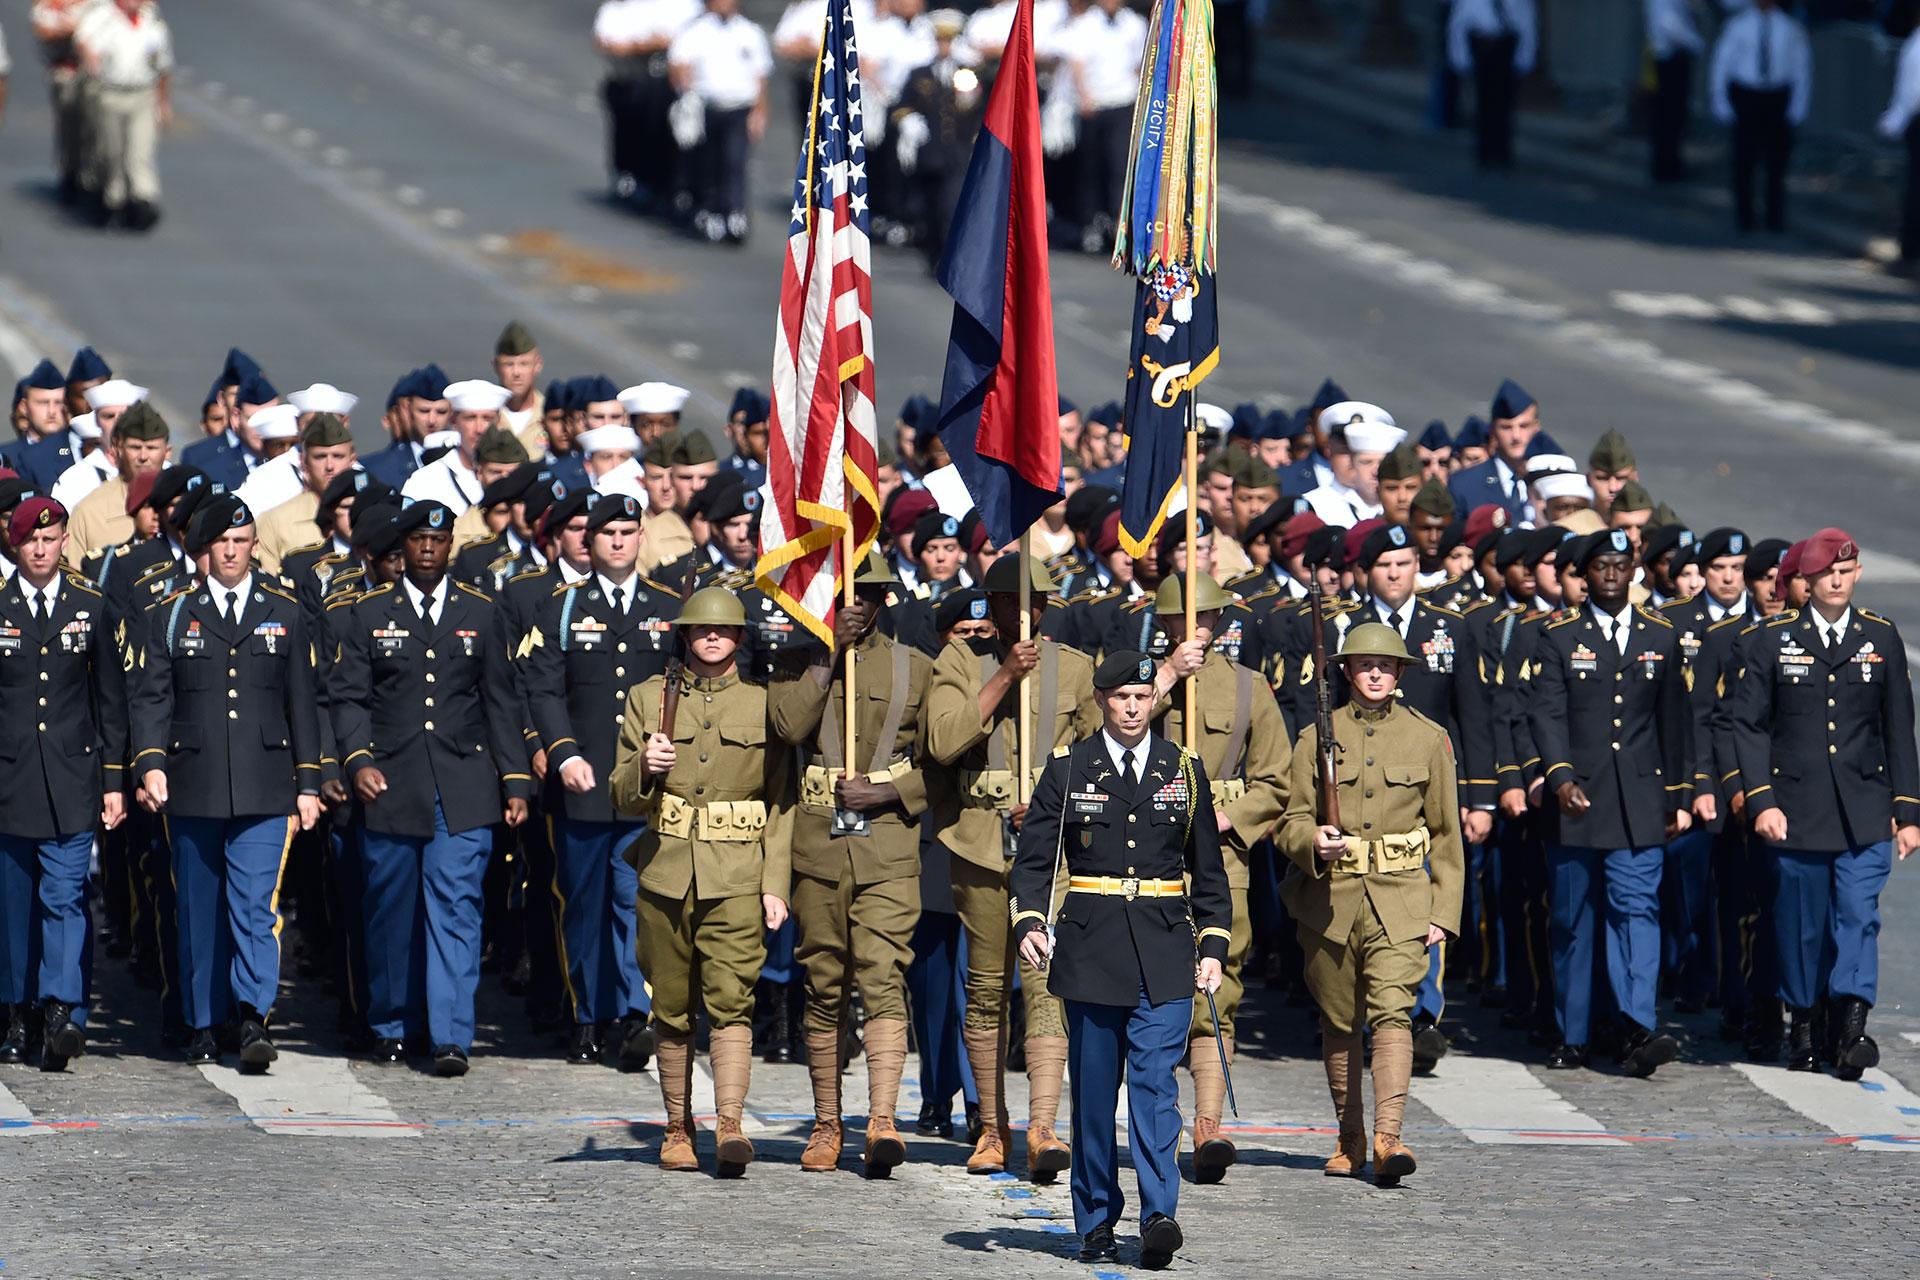 Con ocasión de la conmemoración del centenario de la entrada de los Estados Unidos en la Primera Guerra Mundial con los aliados, soldados estadounidenses encabezaron el desfile militar (AFP)